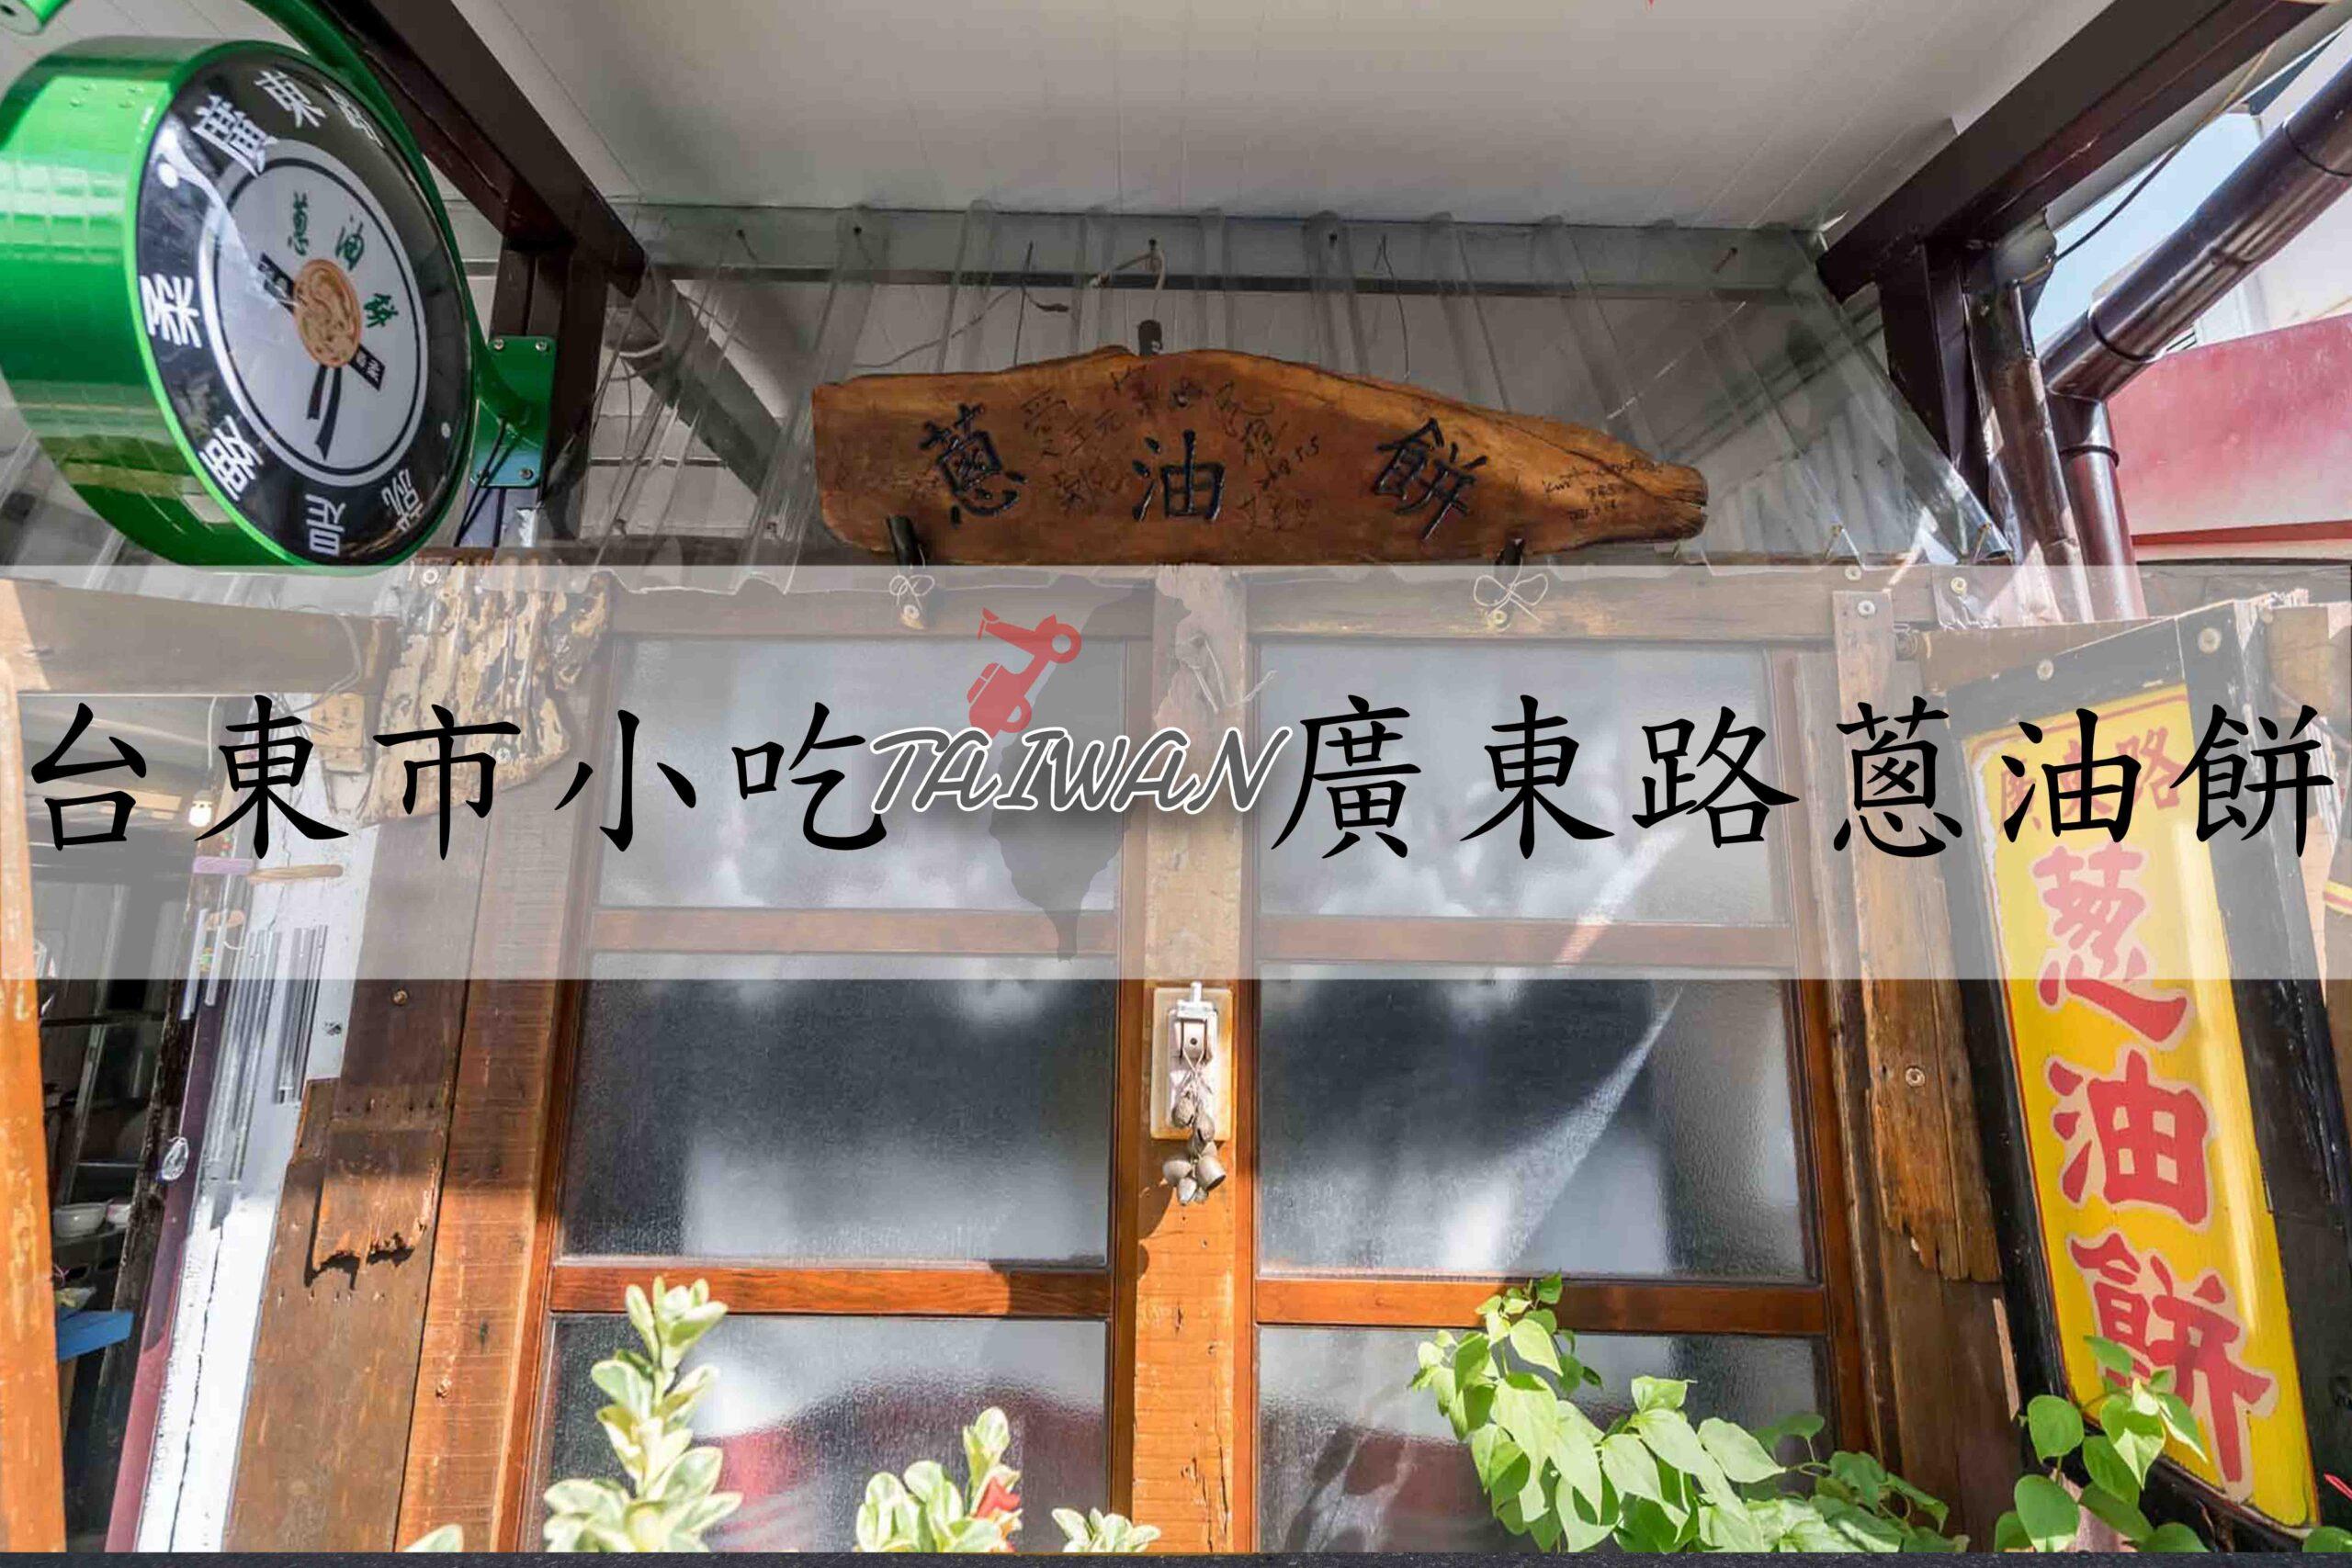 『台東市美食小吃』來自手工的好味道,cp值超高 便宜又大份 用料不馬虎|廣東路蔥油餅